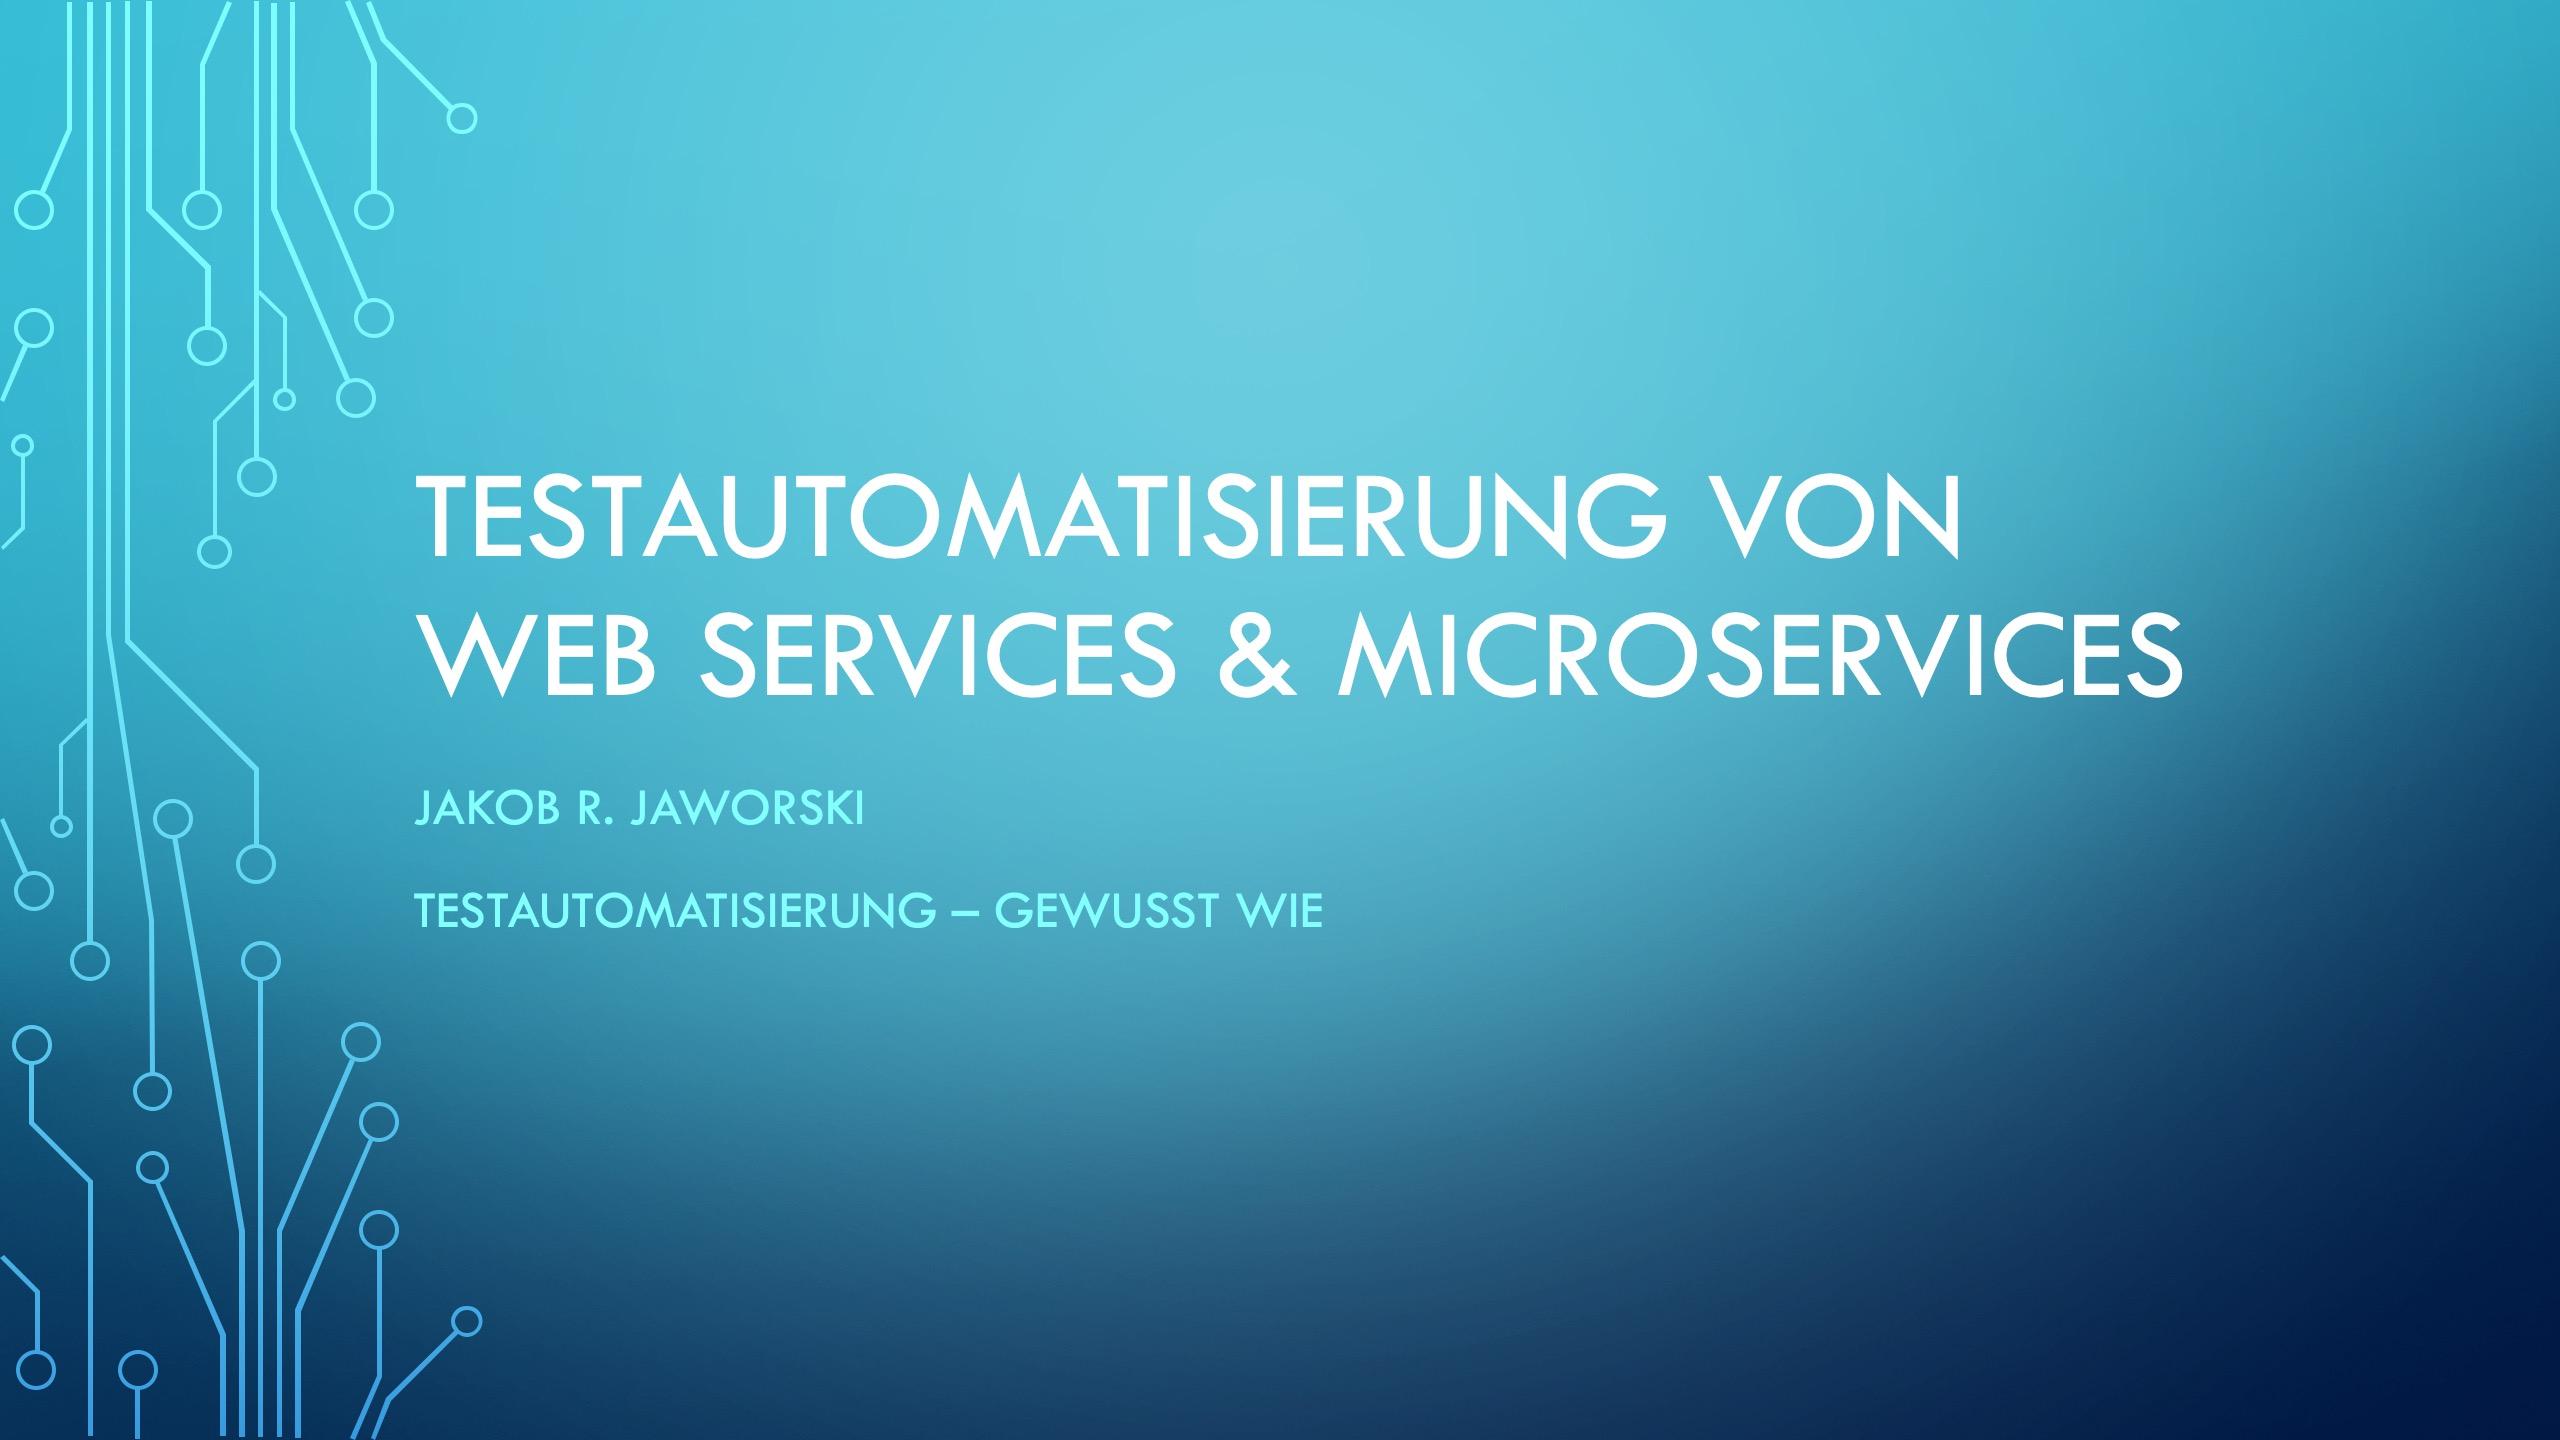 Testen von Web Services und Microservices